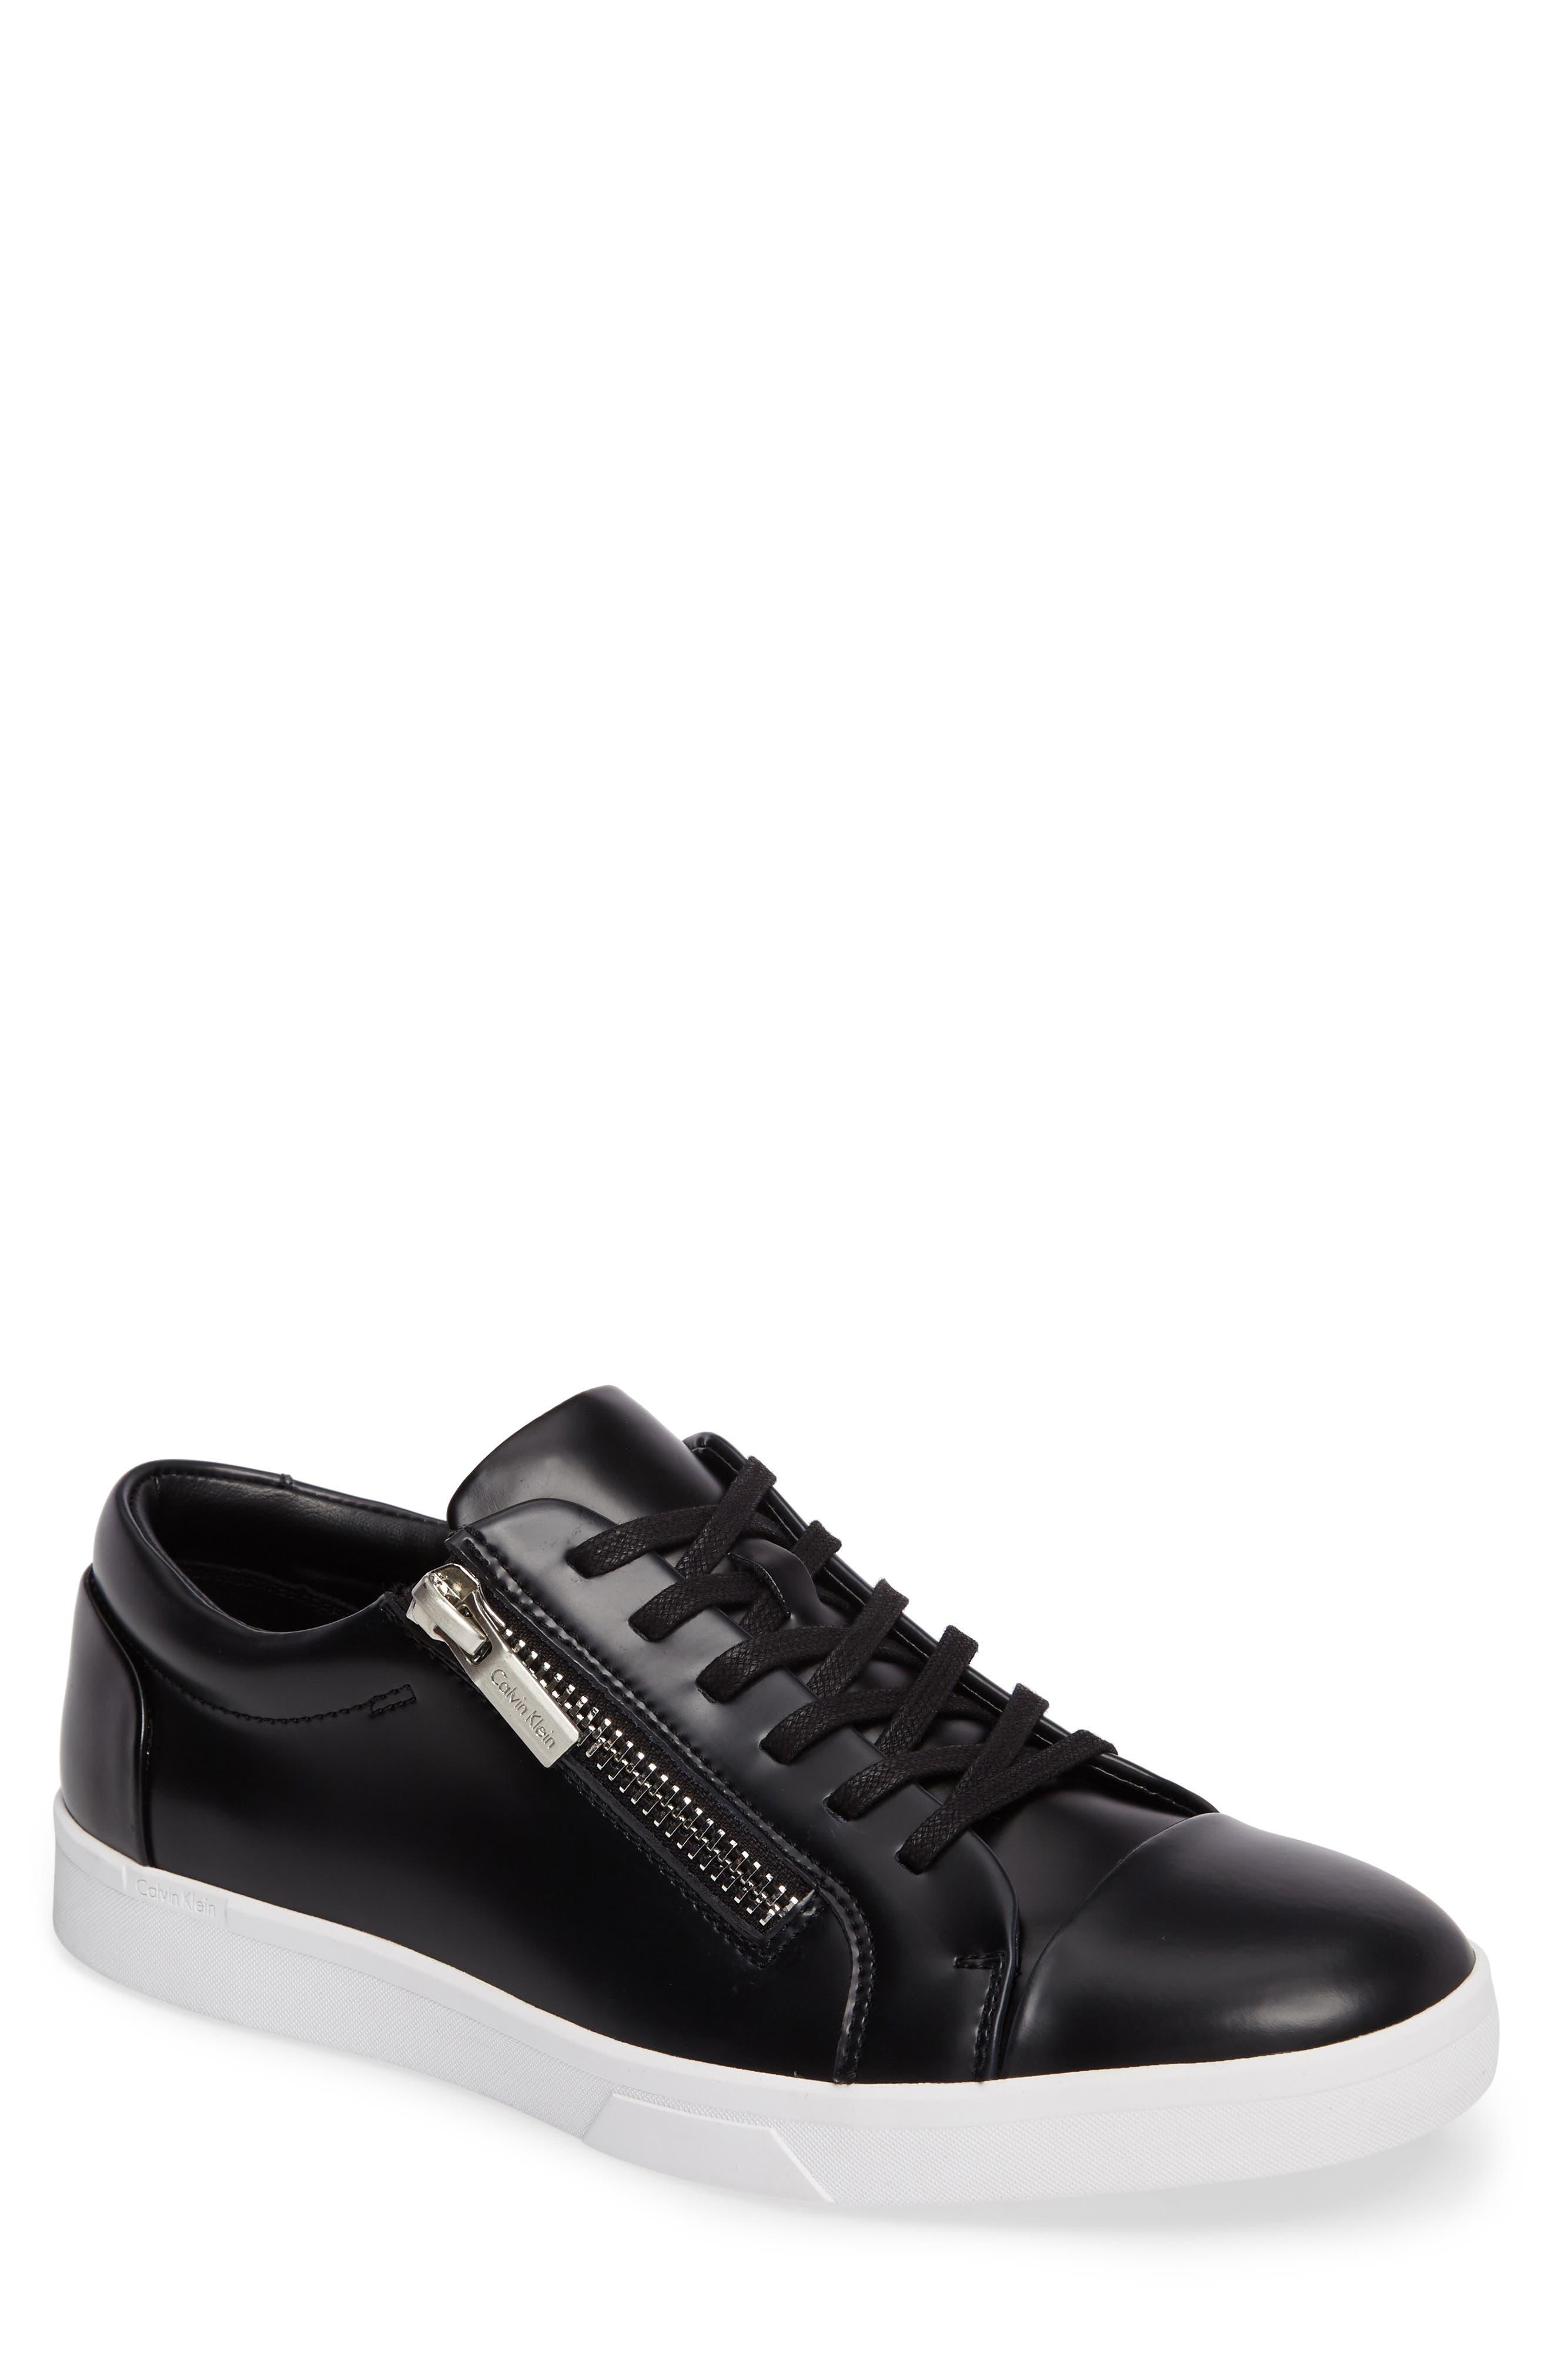 Main Image - Calvin Klein Ibrahim Cap-Toe Zip Sneaker (Men)